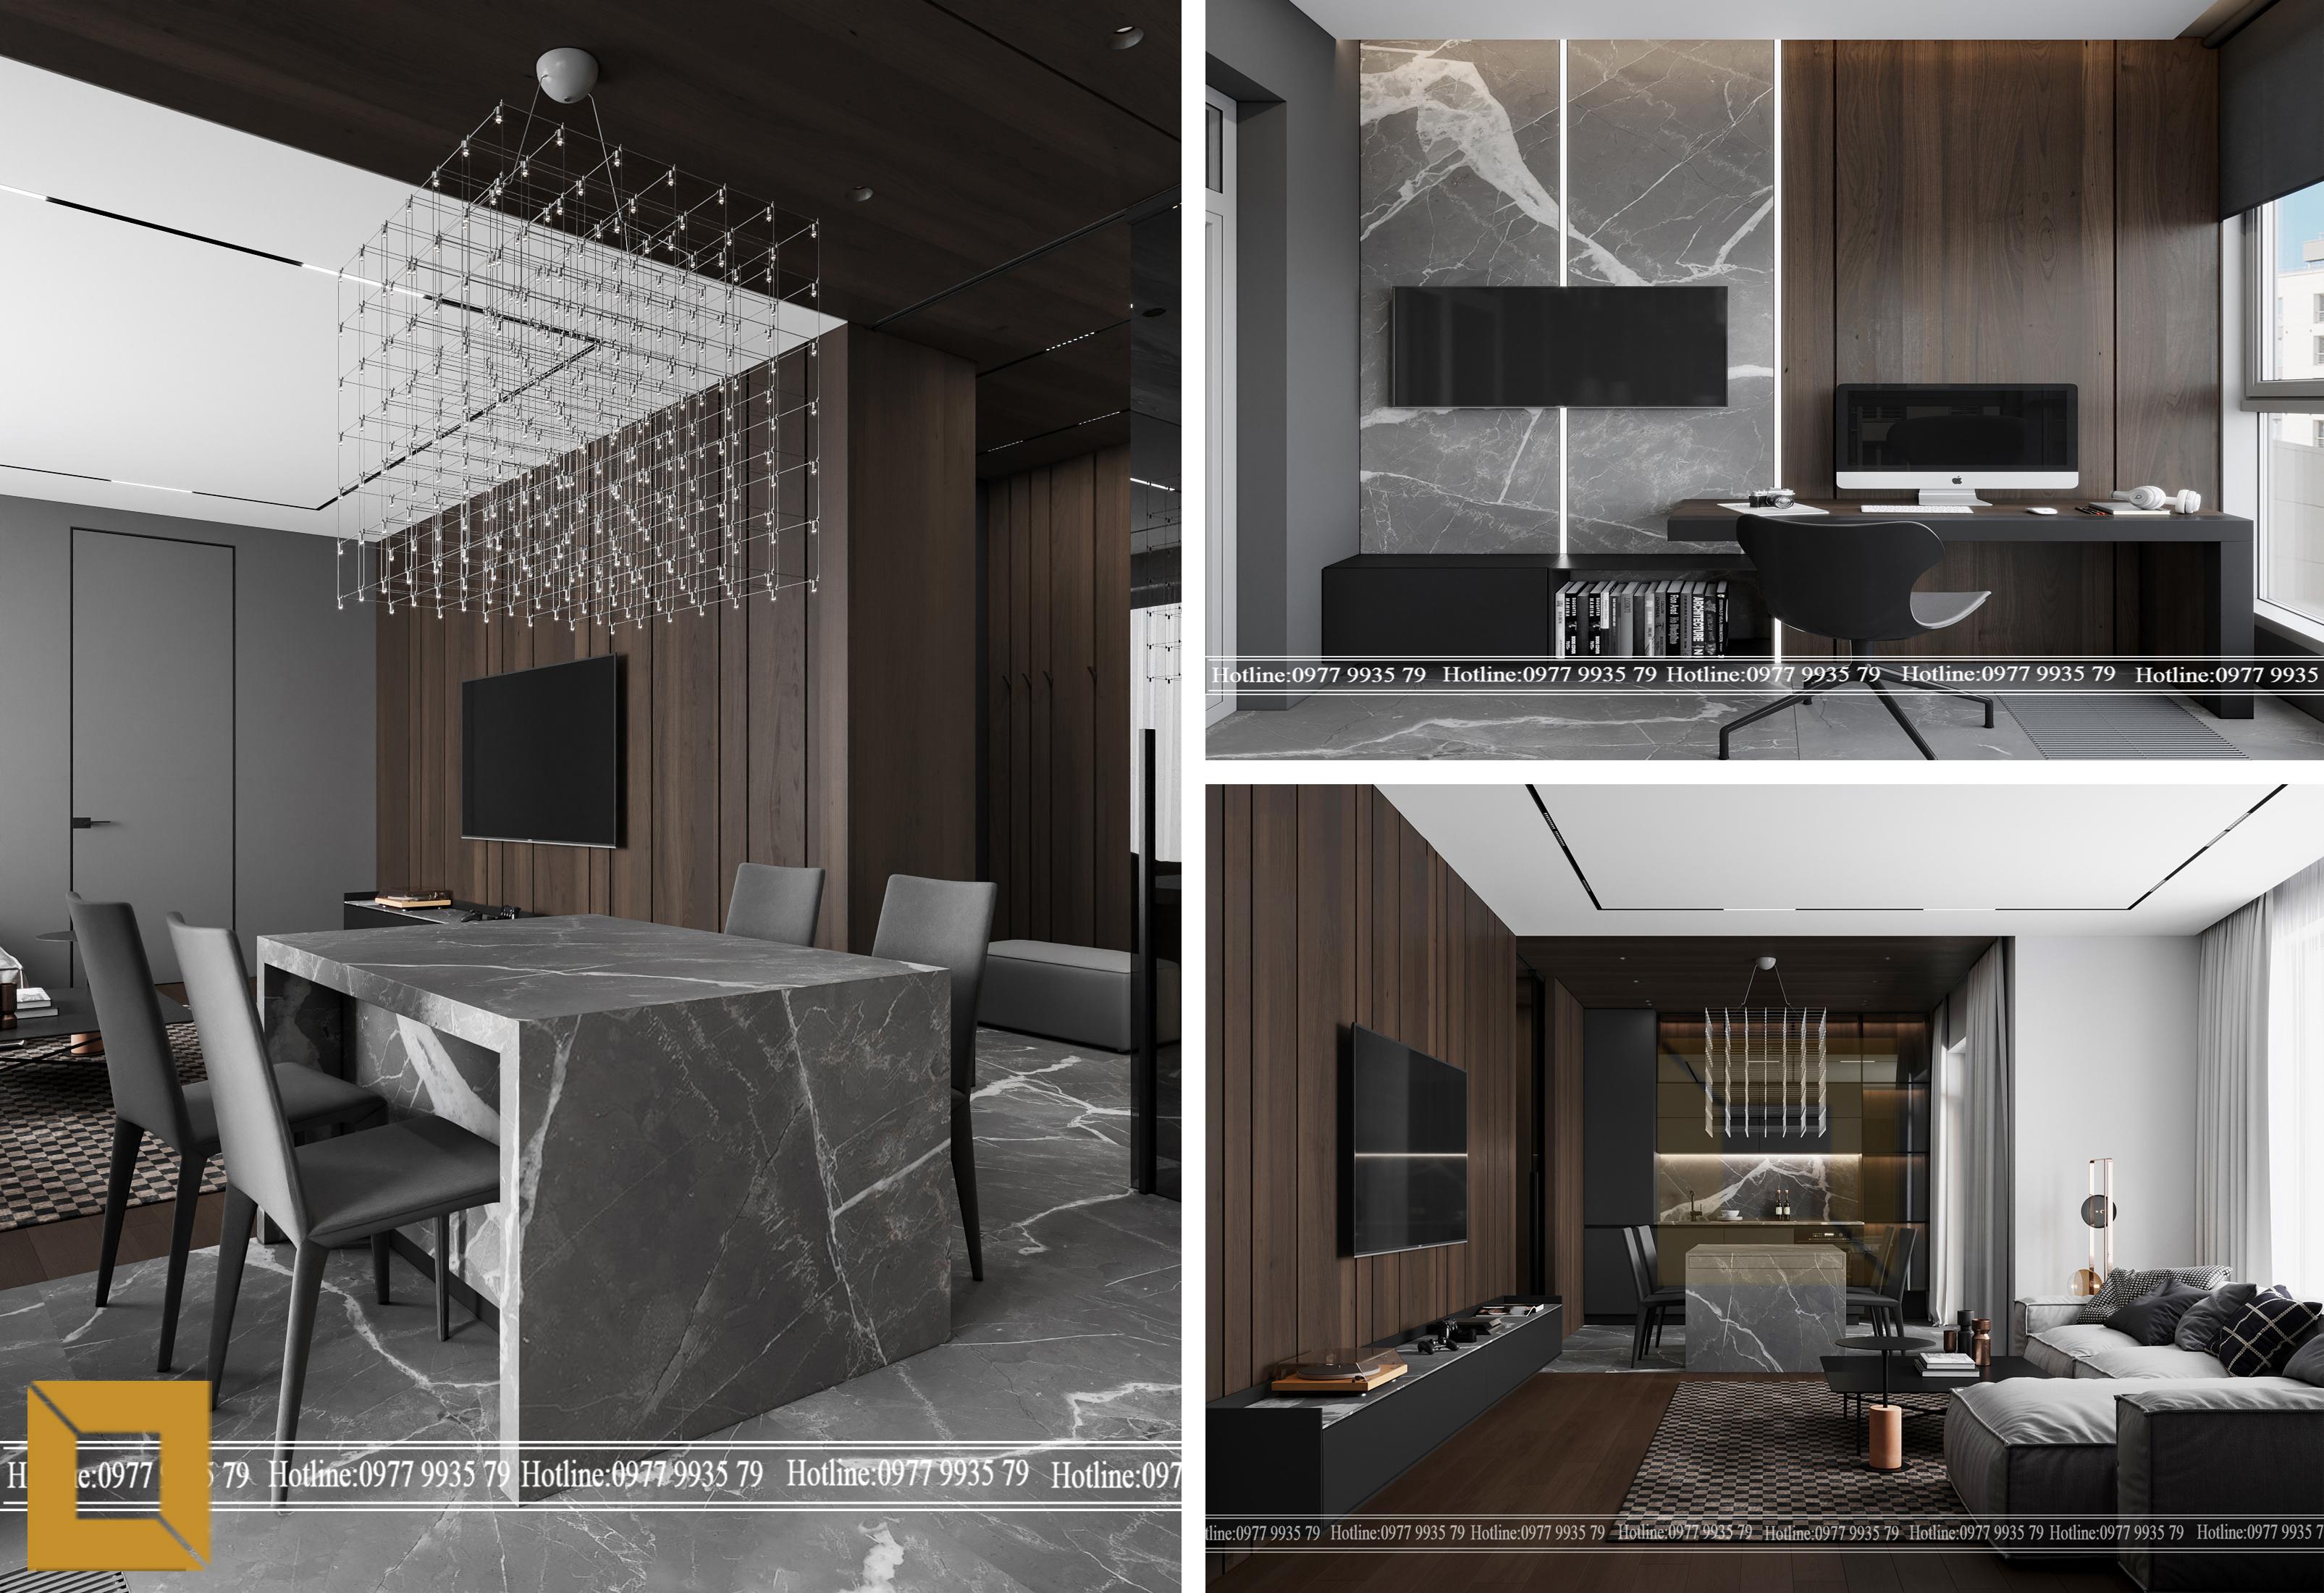 Thi công thiết kế nội thất biệt thự hiện đại với tấm nhựa ốp tường vân đá, gỗ